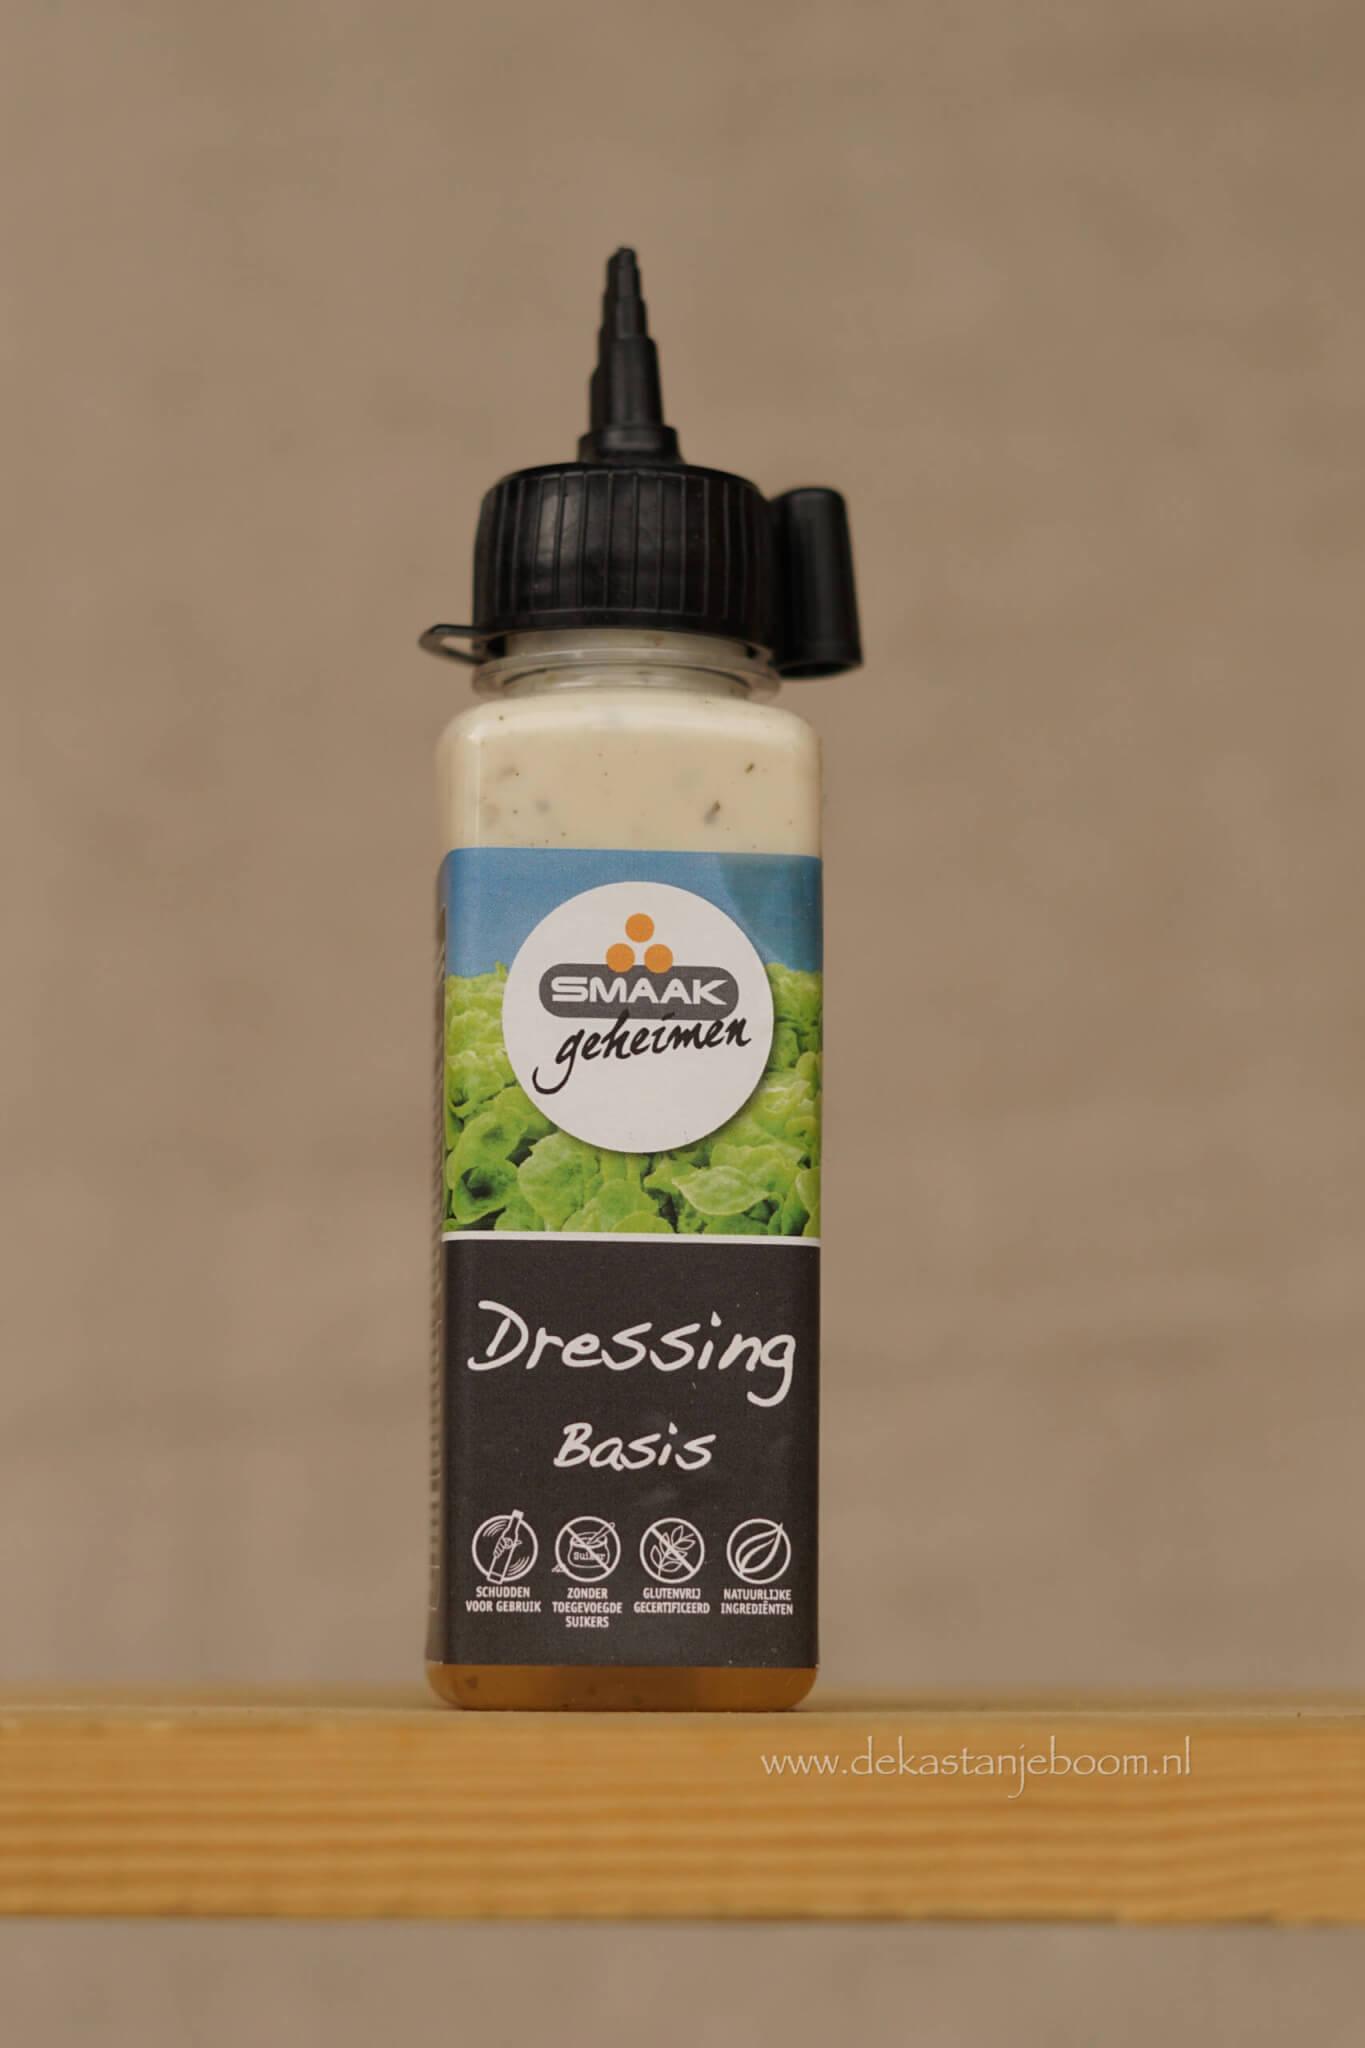 Smaakgeheimen dressing basis